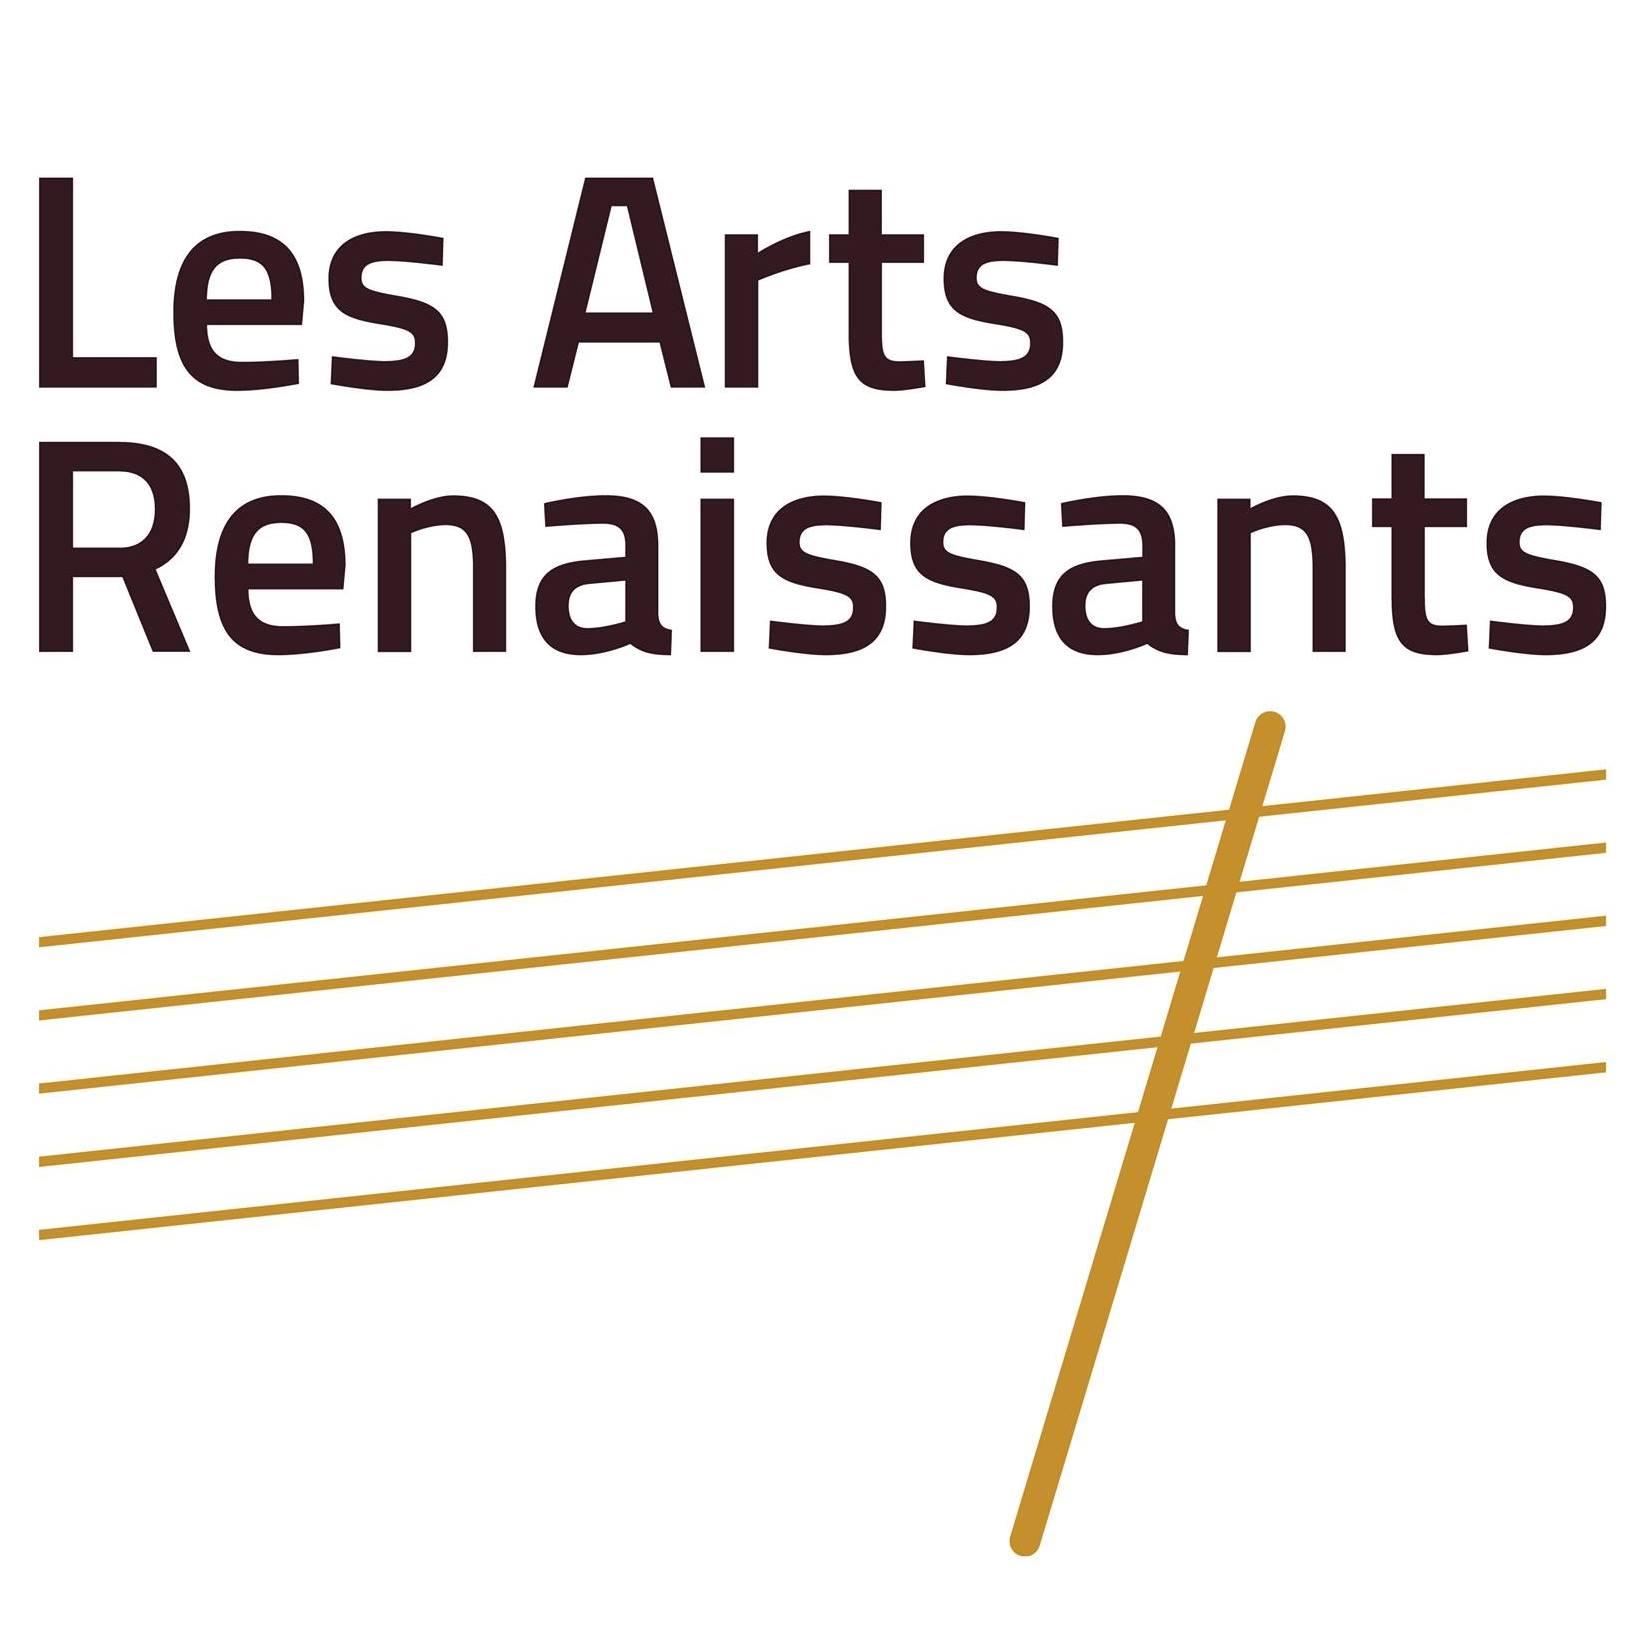 Les Arts Renaissants